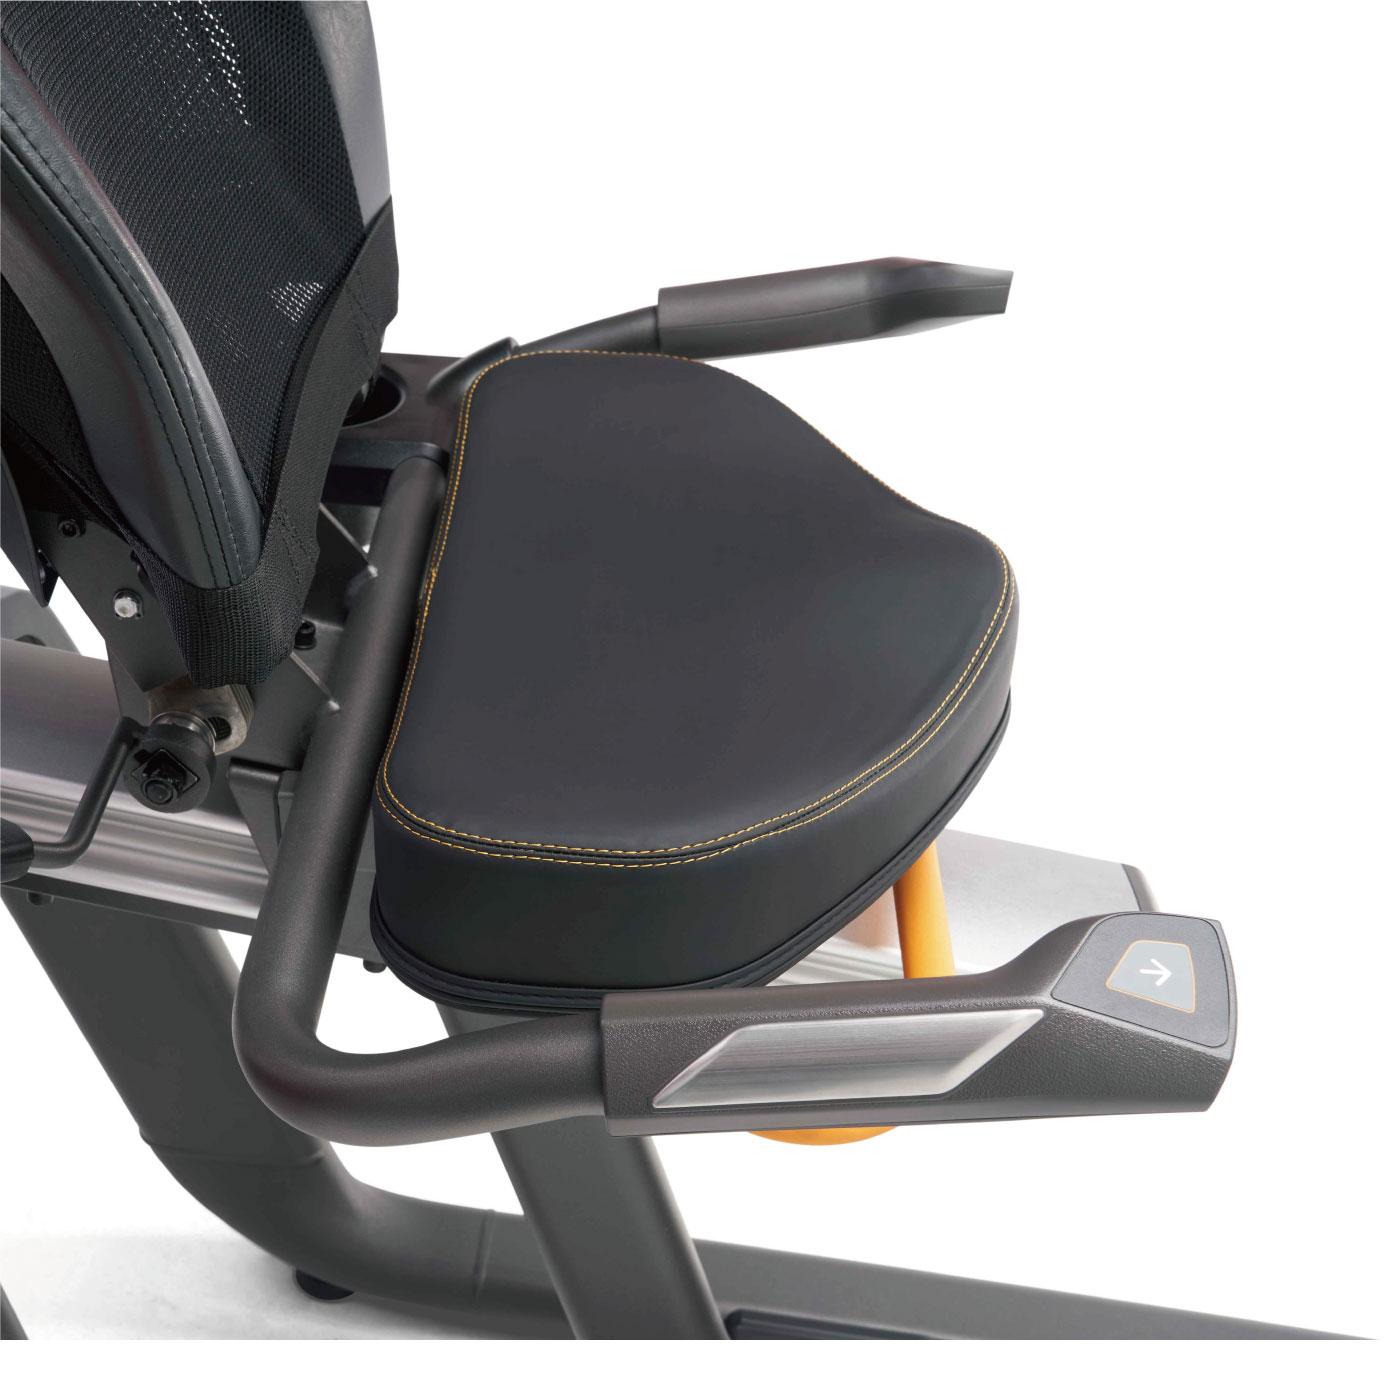 R50-XUR-V2/家庭用リカンベントバイク〈家庭用MATRIX〉《ジョンソンヘルステック》